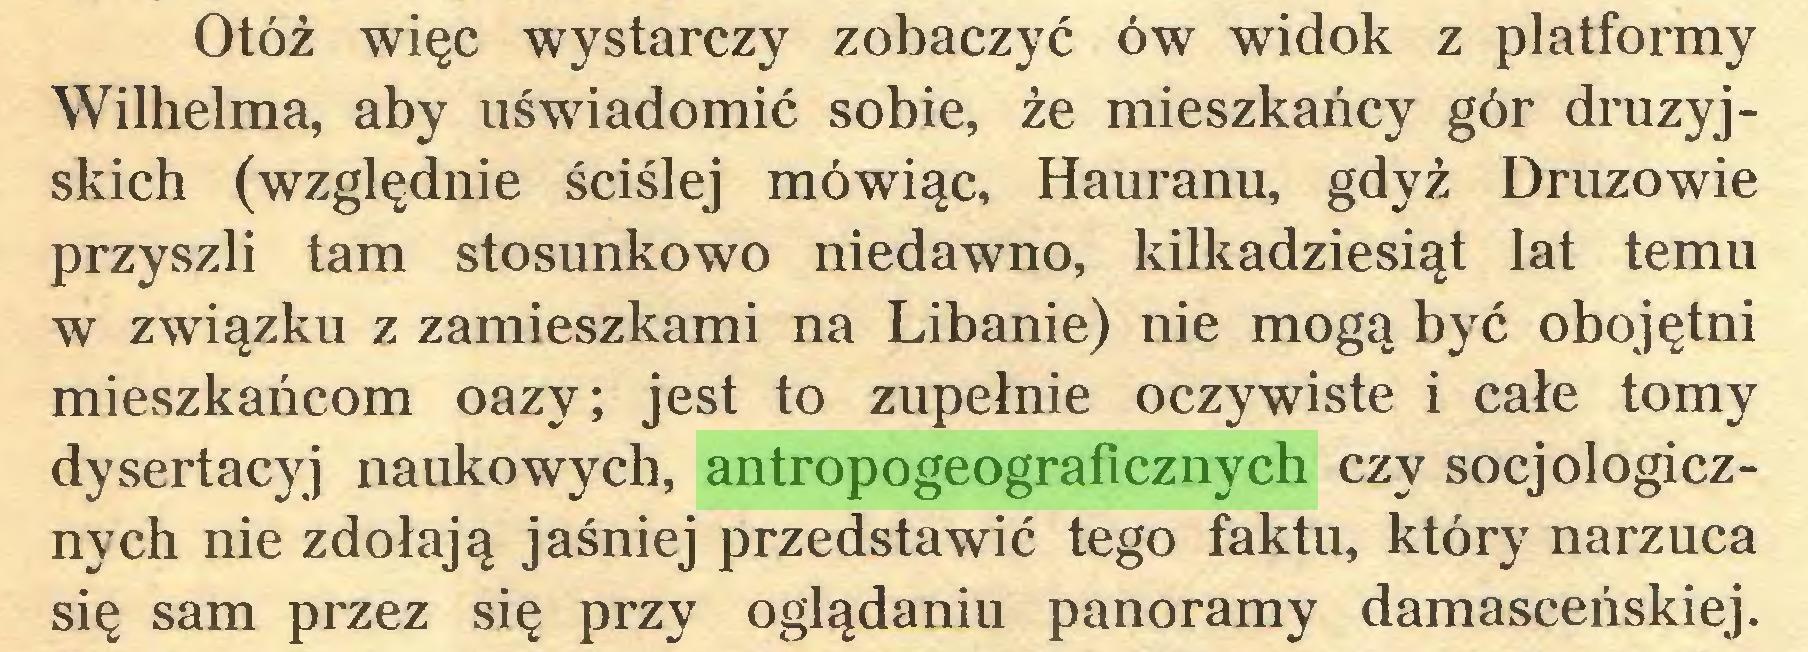 (...) Otóż więc wystarczy zobaczyć ów widok z platformy Wilhelma, aby uświadomić sobie, że mieszkańcy gór druzyjskich (względnie ściślej mówiąc, Hauranu, gdyż Druzowie przyszli tam stosunkowo niedawno, kilkadziesiąt lat temu w związku z zamieszkami na Libanie) nie mogą być obojętni mieszkańcom oazy; jest to zupełnie oczywiste i całe tomy dysertacyj naukowych, antropogeograficznych czy socjologicznych nie zdołają jaśniej przedstawić tego faktu, który narzuca się sam przez się przy oglądaniu panoramy damasceńskiej...